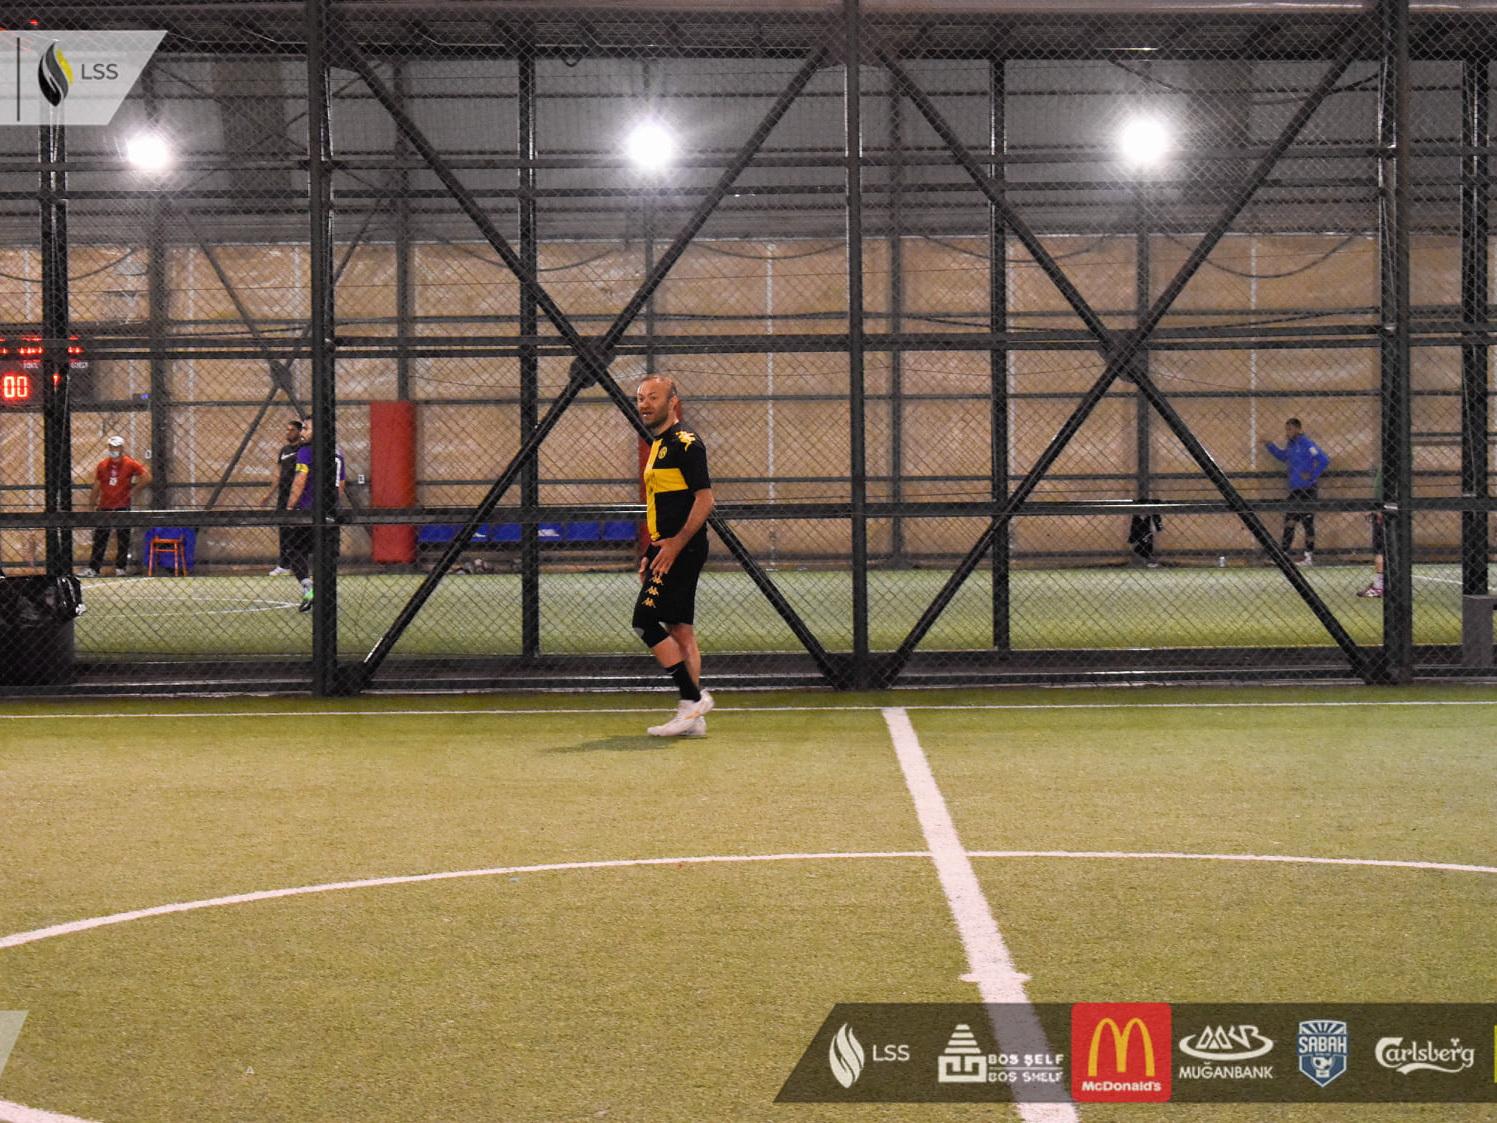 LSS MFL 2019/20: Состоялись первые полуфинальные матчи – РЕЗУЛЬТАТЫ